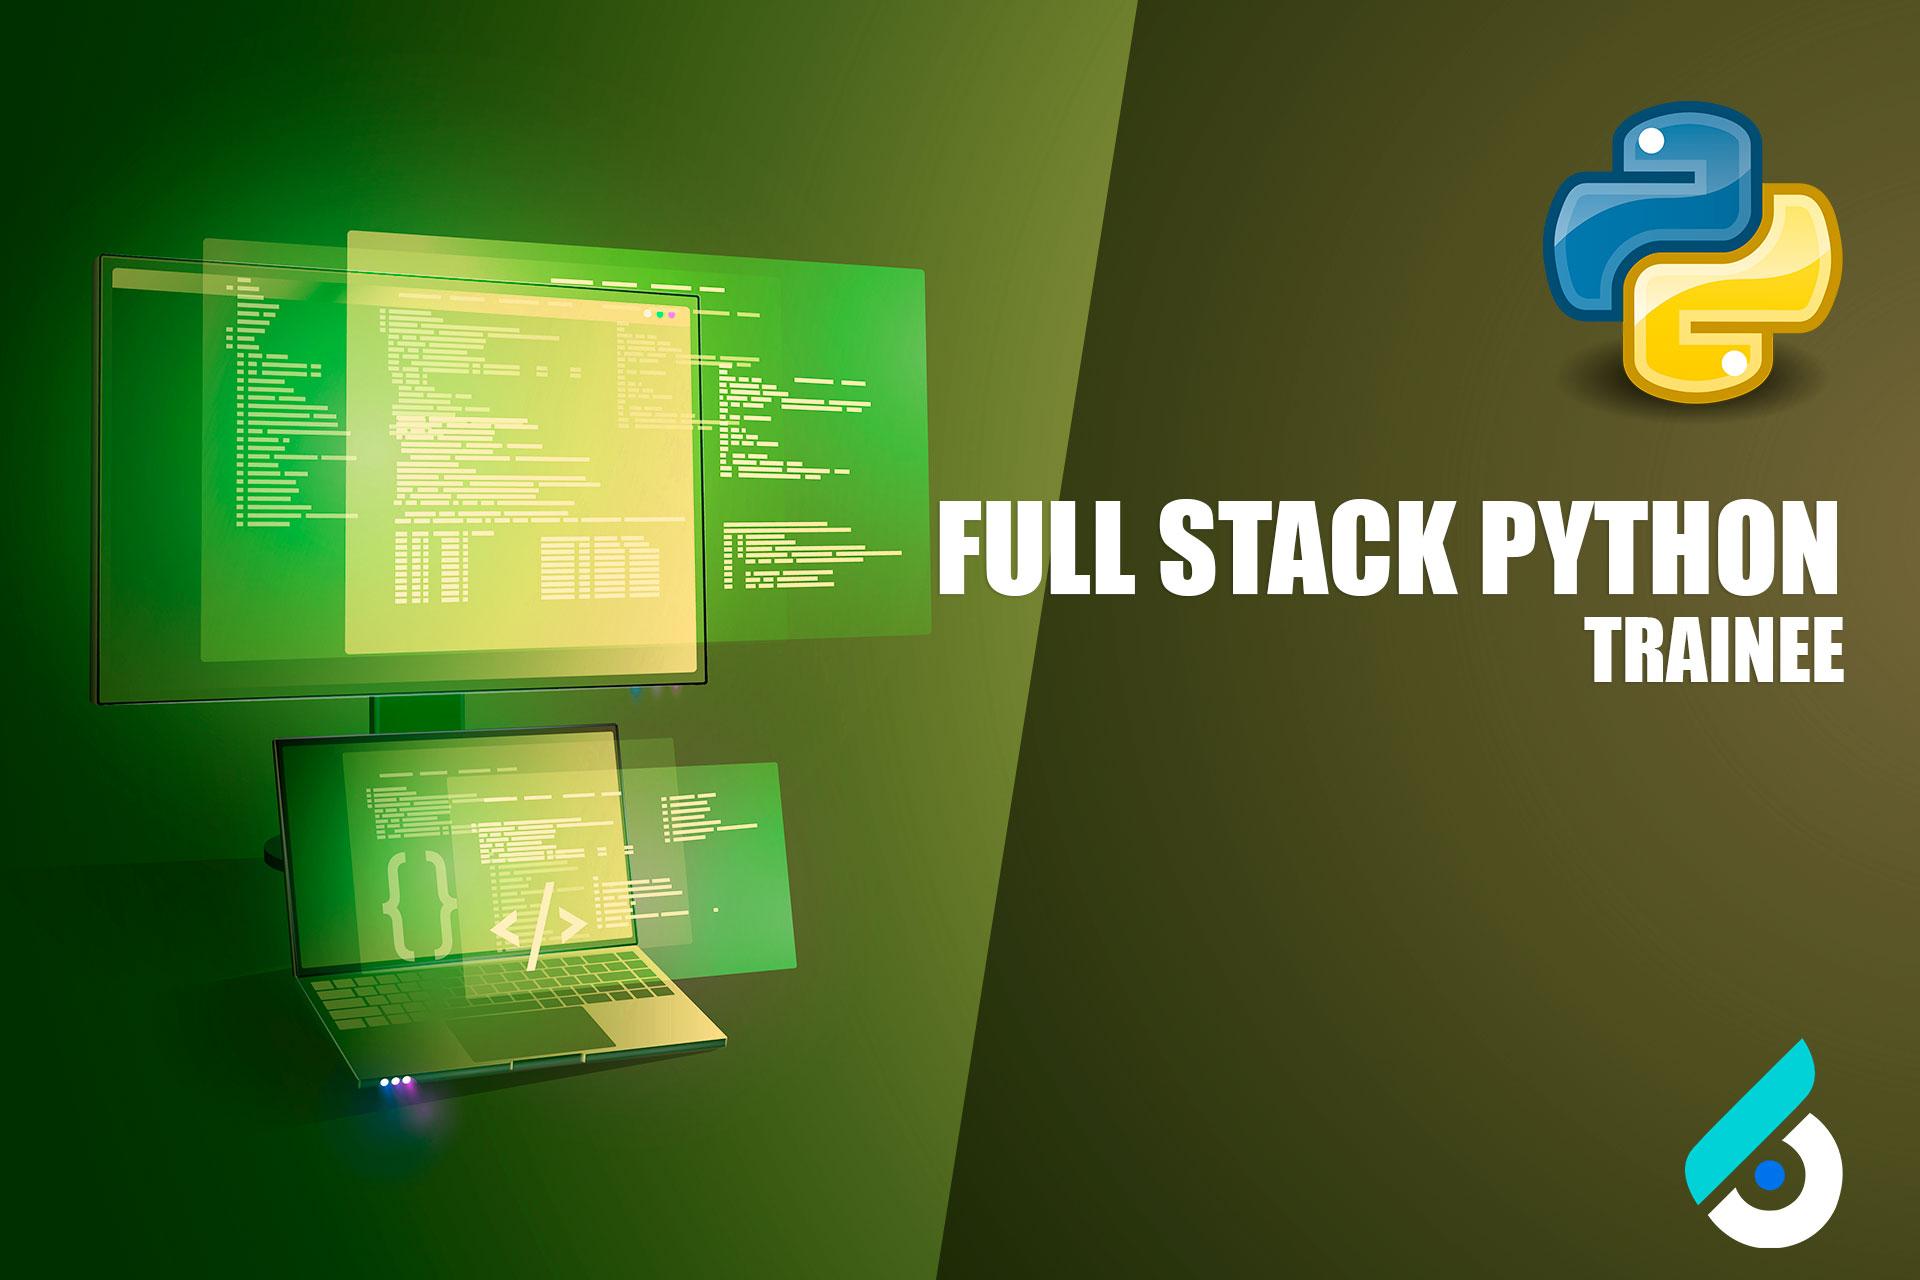 RLAB-20-01-13-0154-2 | Desarrollo de Aplicaciones Full Stack Python Trainee